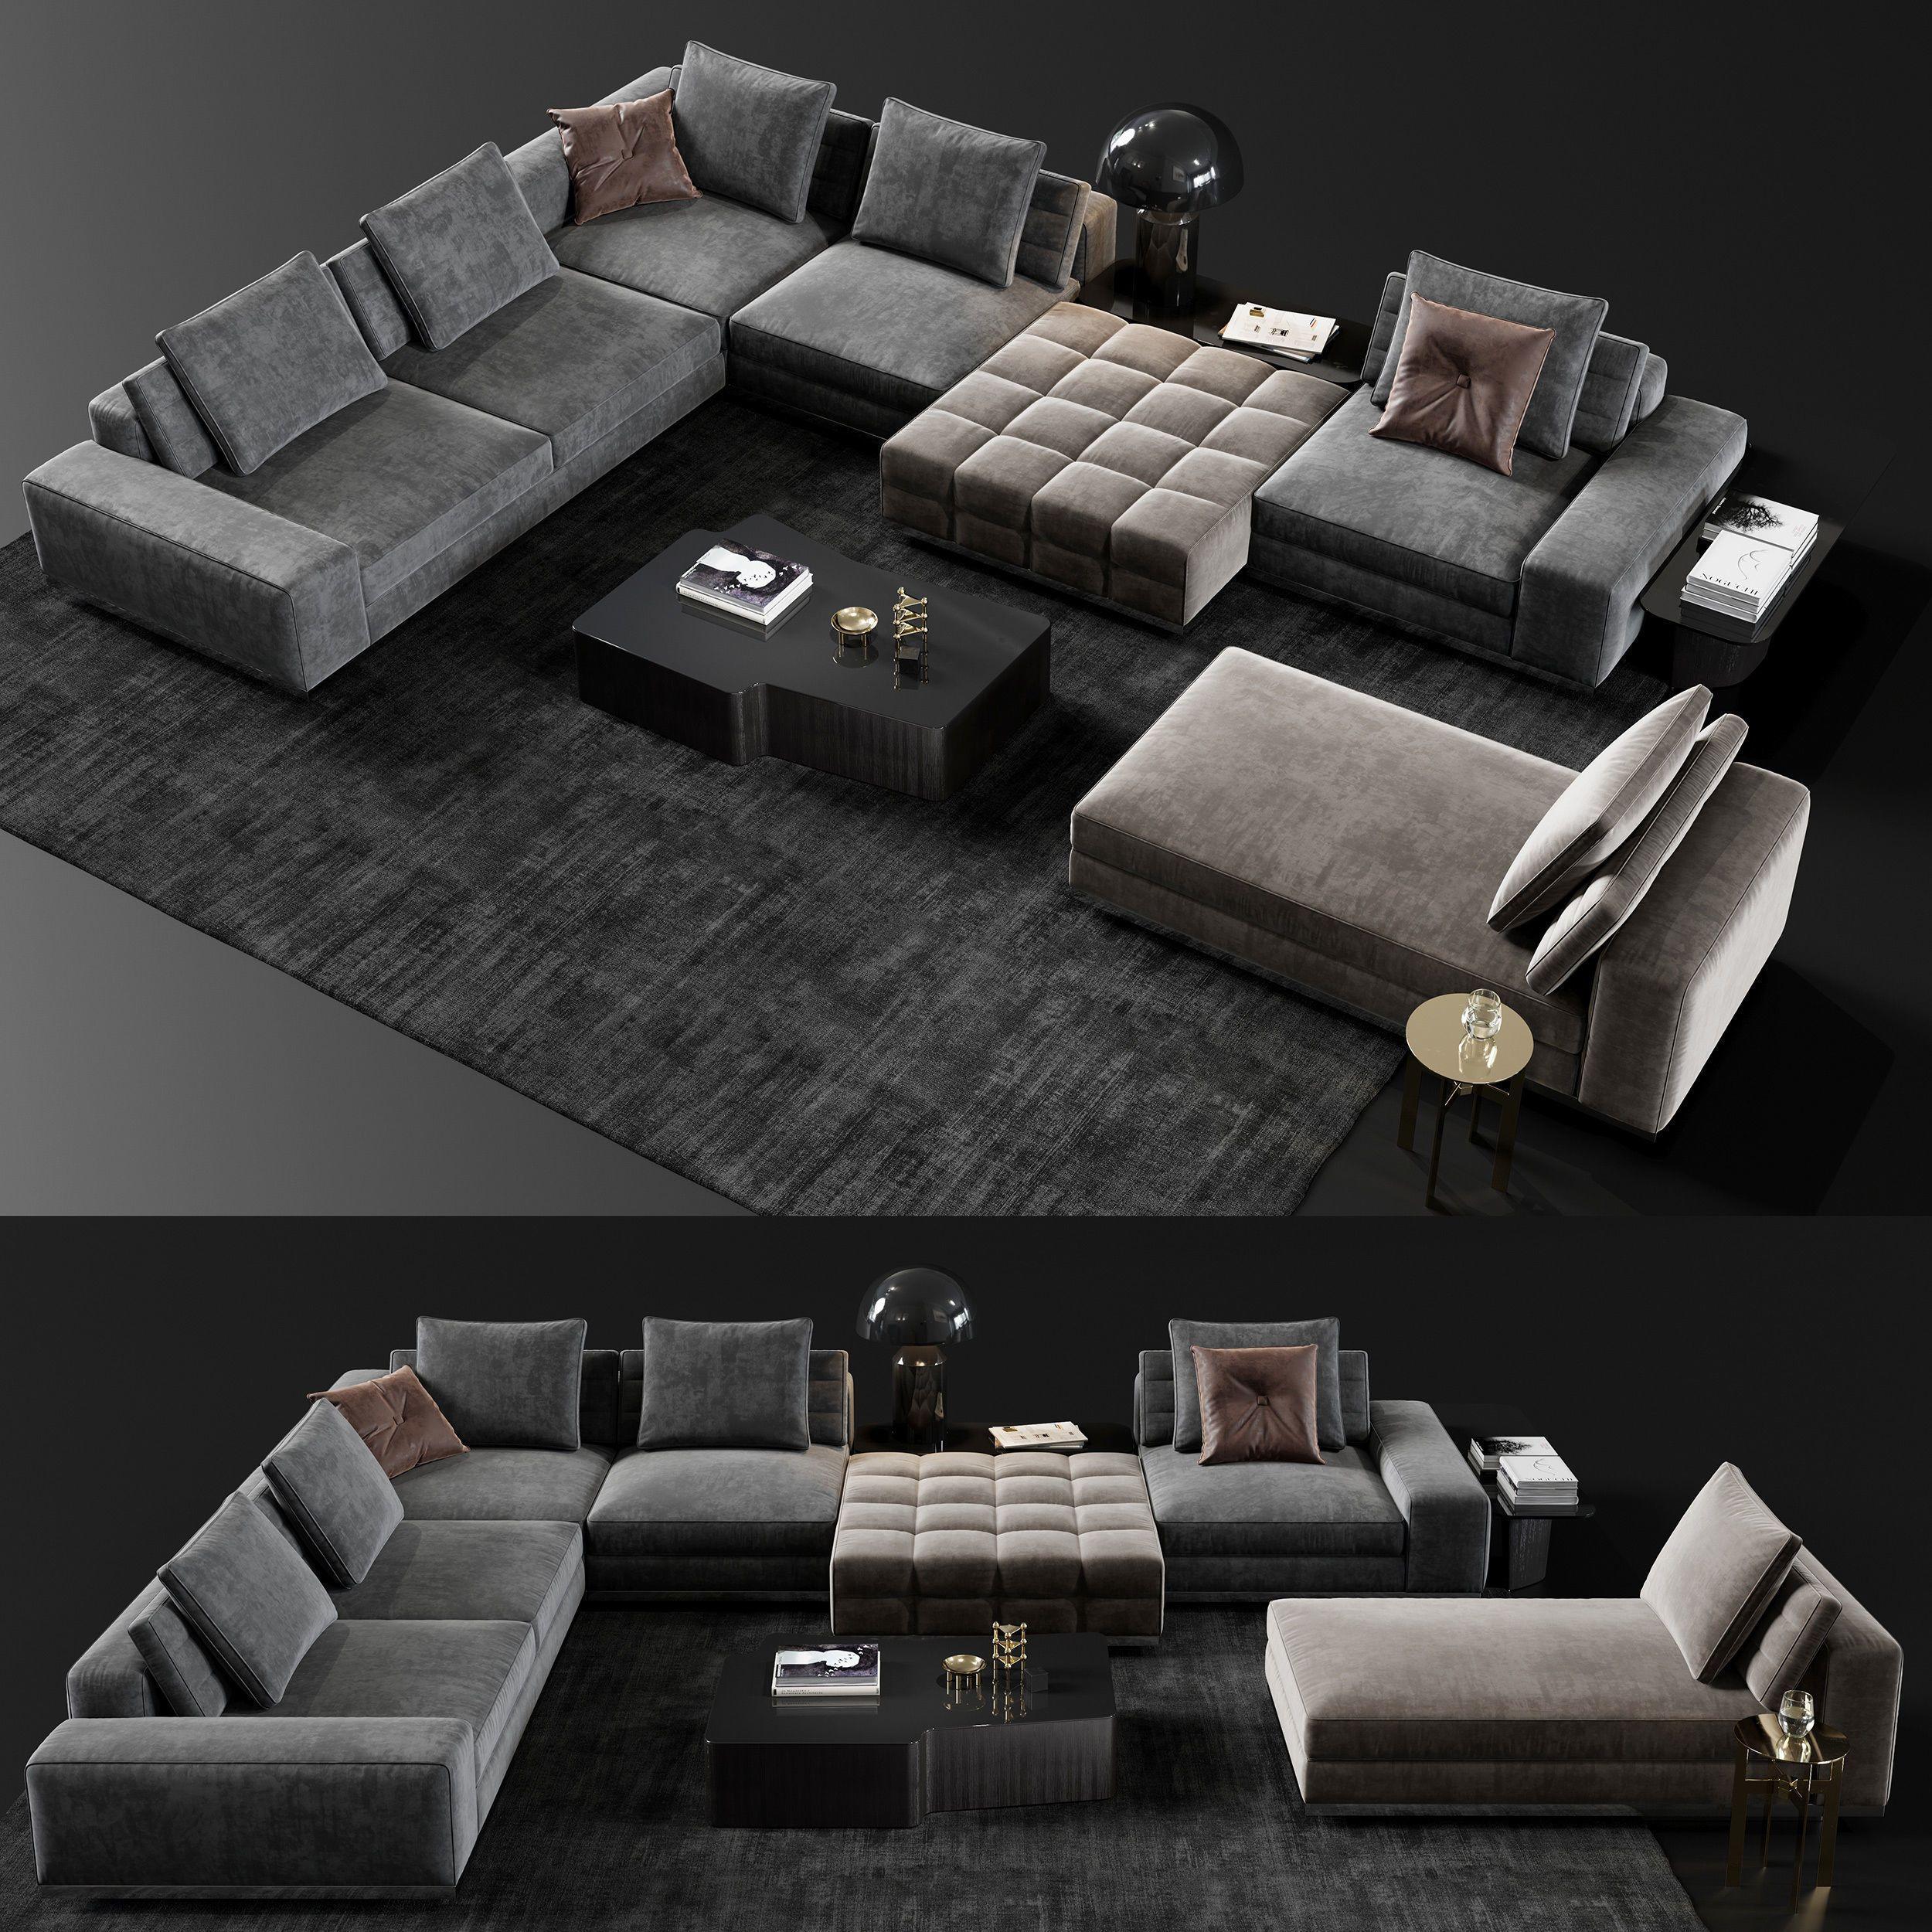 Minotti Lawrence Living Room Sofa Set 3d Model Luxury Sofa Design Living Room Sofa Set Modern Sofa Living Room Living room sofa furniture